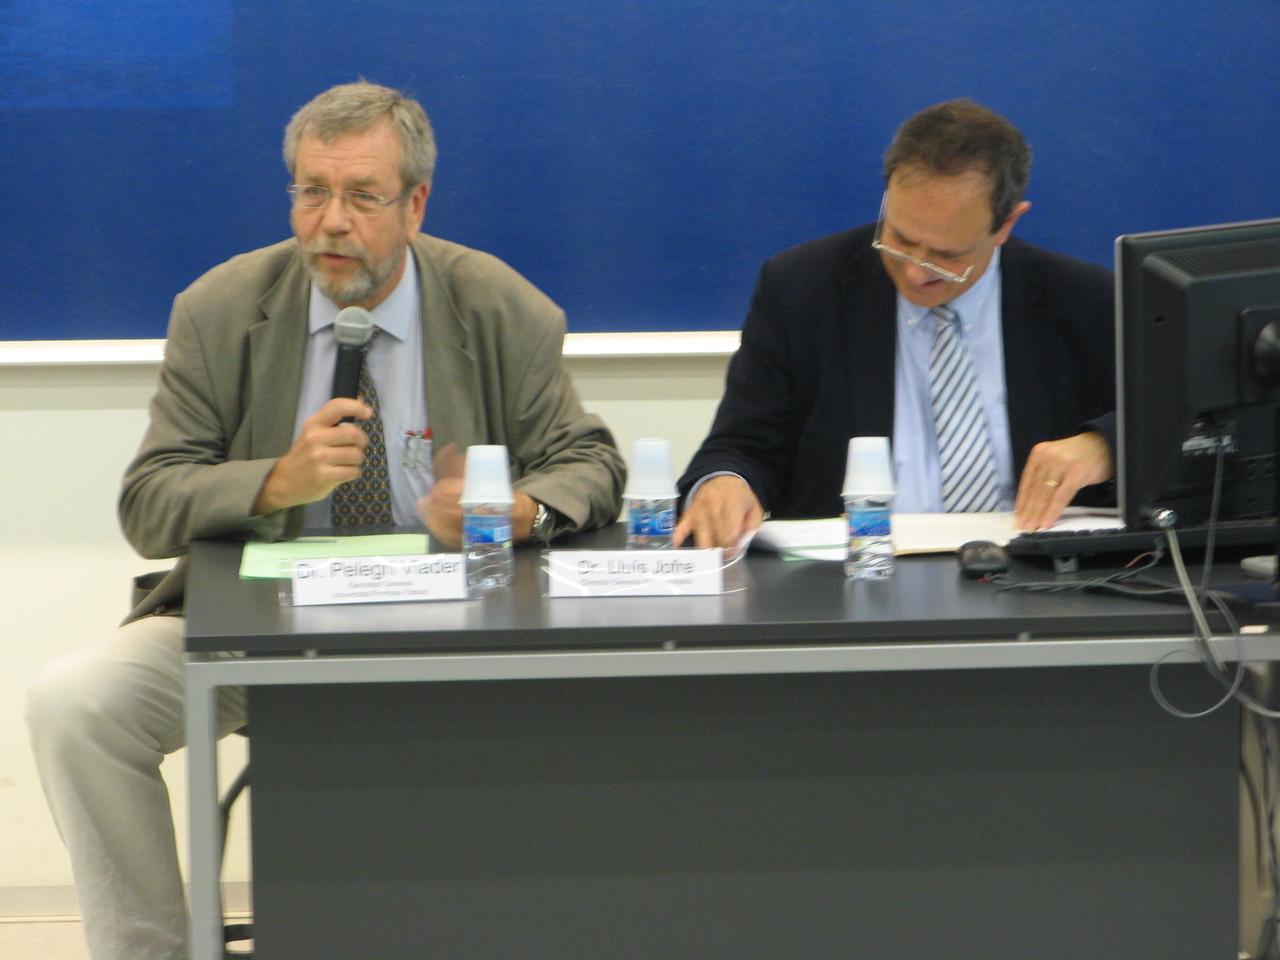 El Dr Lluís Jofre, Director general d'Universitats, va inauguar l'acte acompanyat del Dr Pelegrí Viader, Secretari general de la UPF